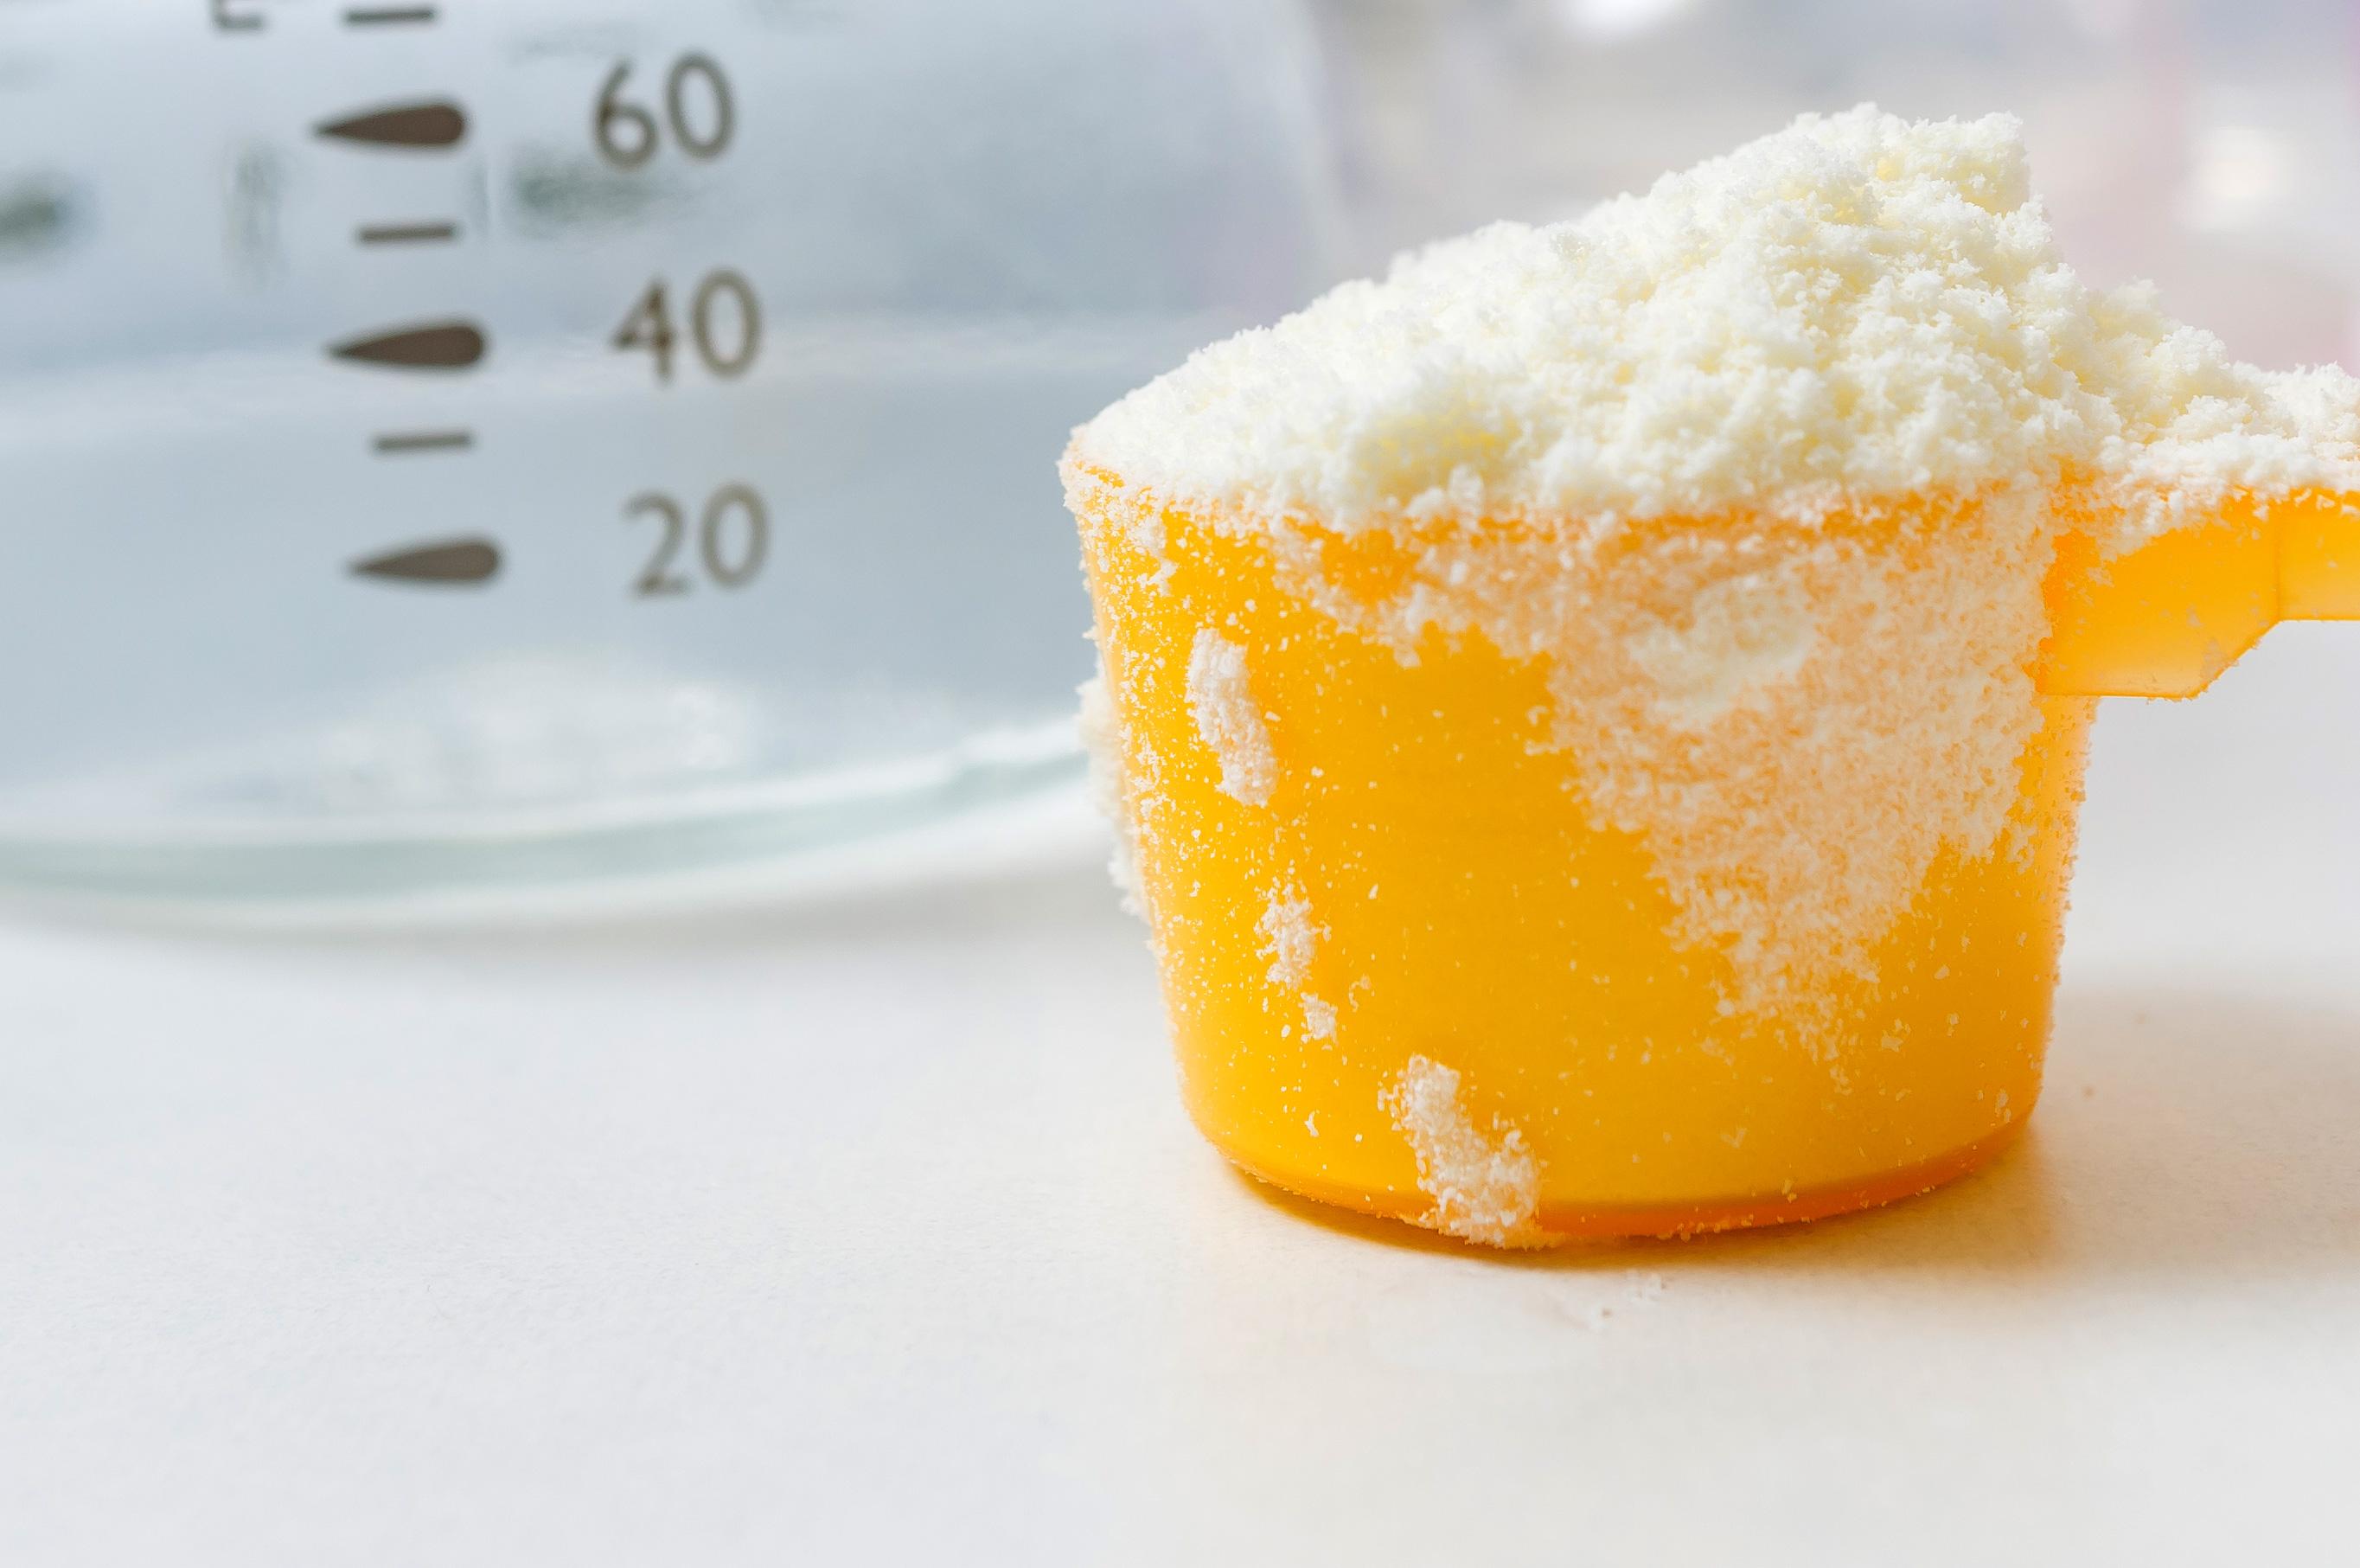 فوائد واضرار الحليب الصناعي